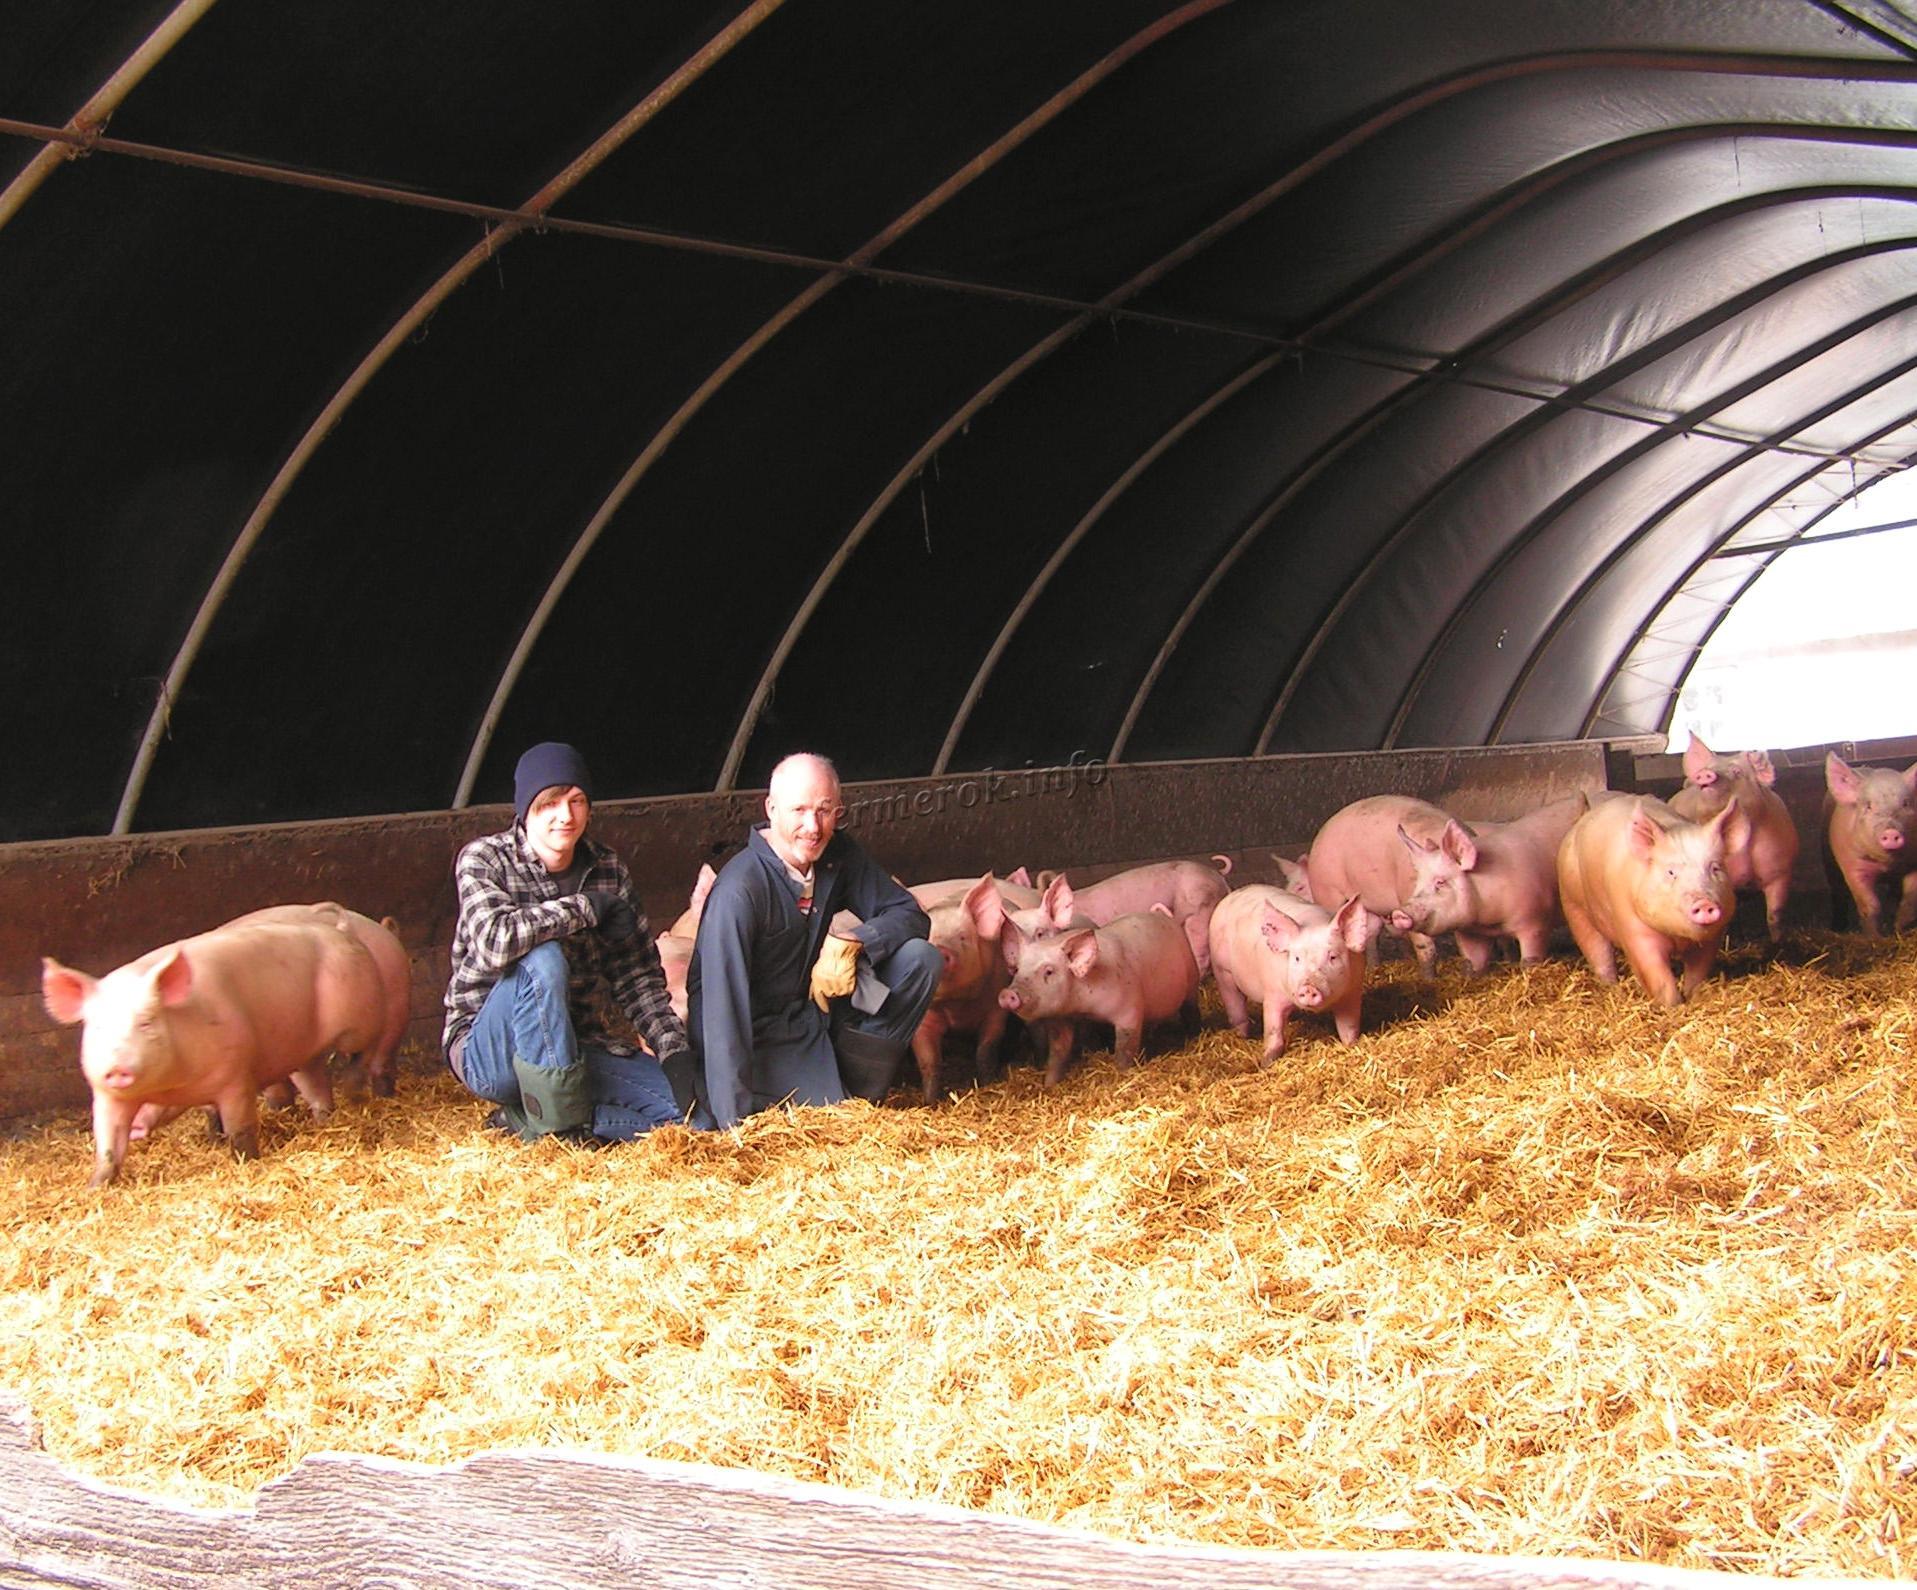 Люди возле свиней